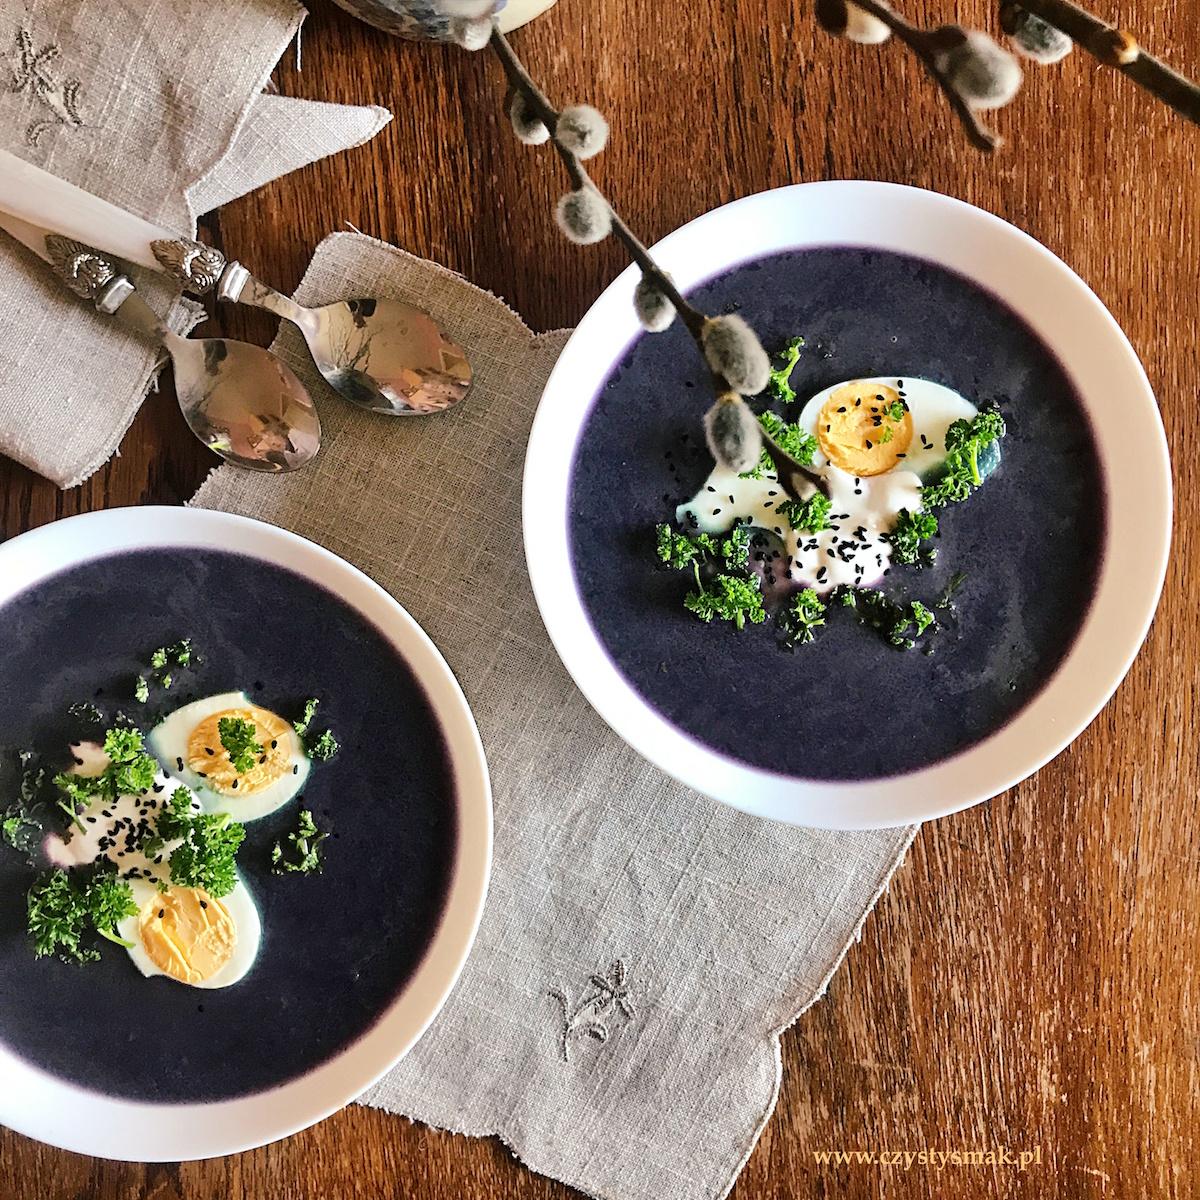 Fioletowa zupa krem warzywna